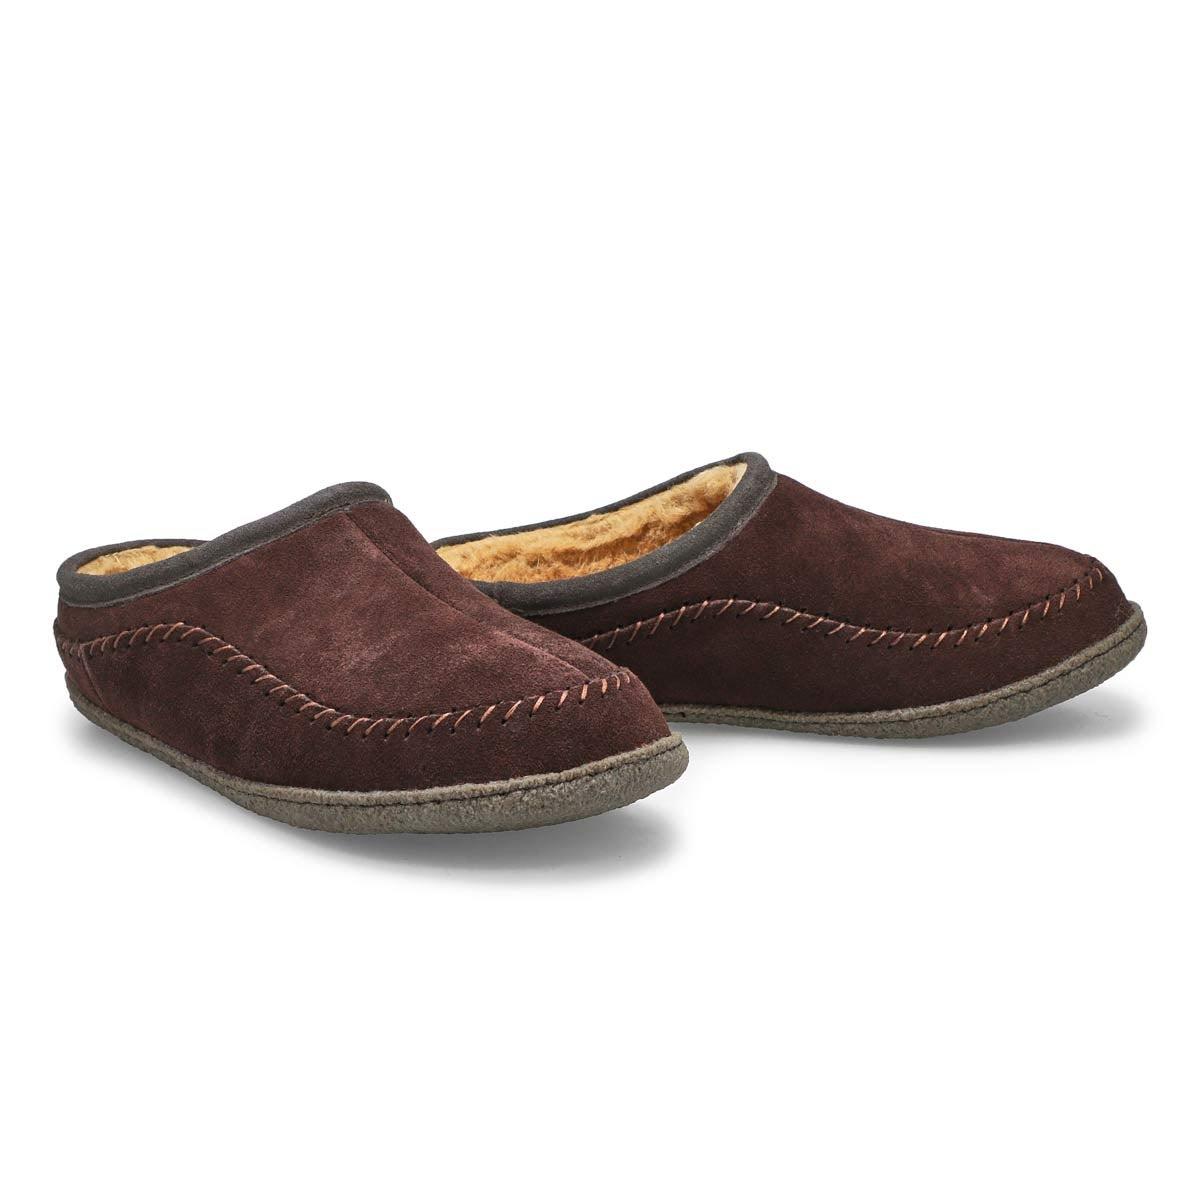 Men's PAULY III rootbeer suede slippers